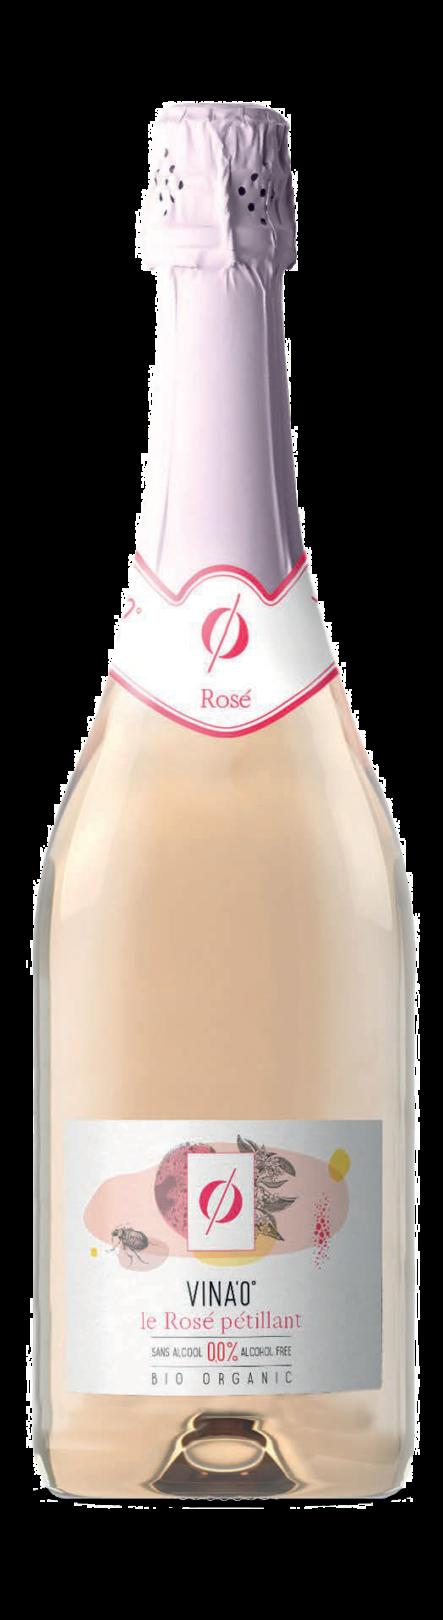 Rosé pétillant bio sans alcool